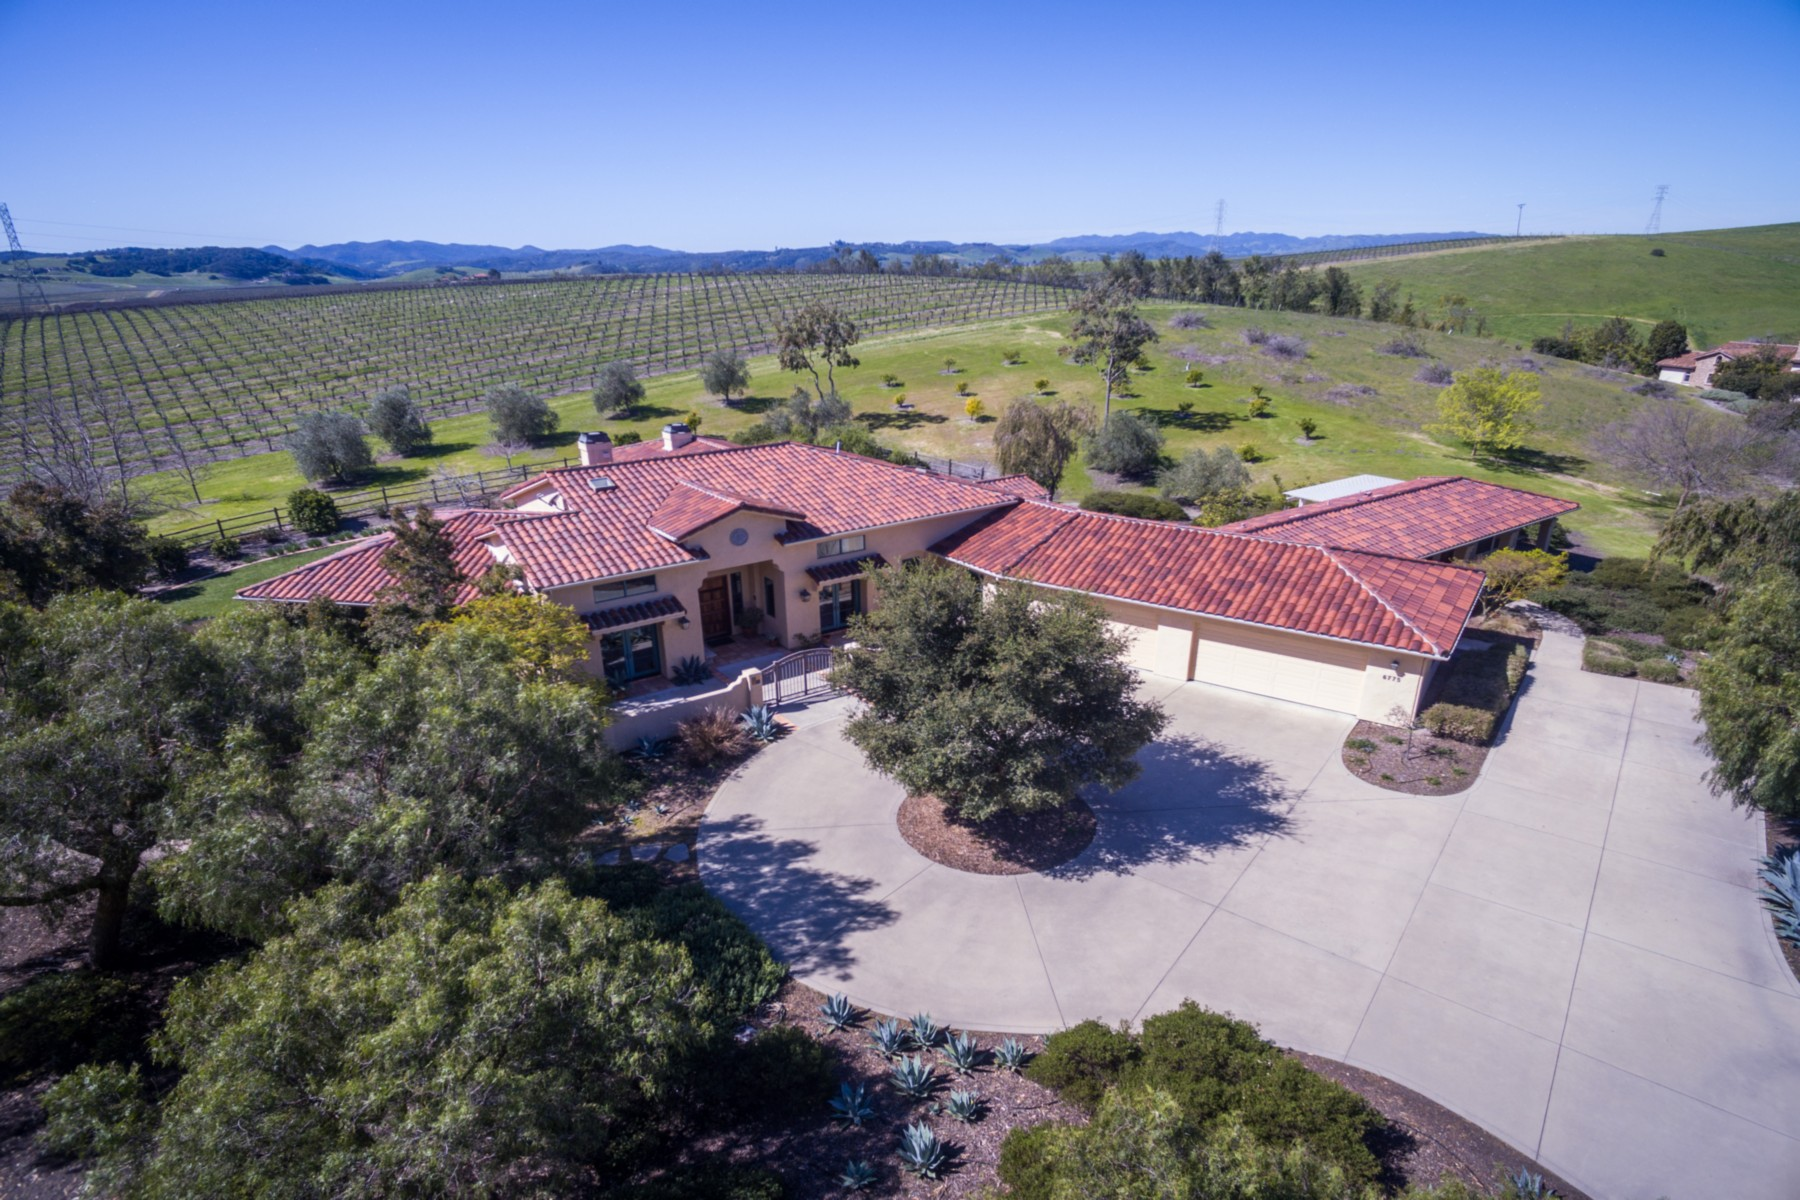 Частный односемейный дом для того Продажа на 6775 Calle Stornetta San Luis Obispo, Калифорния, 93401 Соединенные Штаты